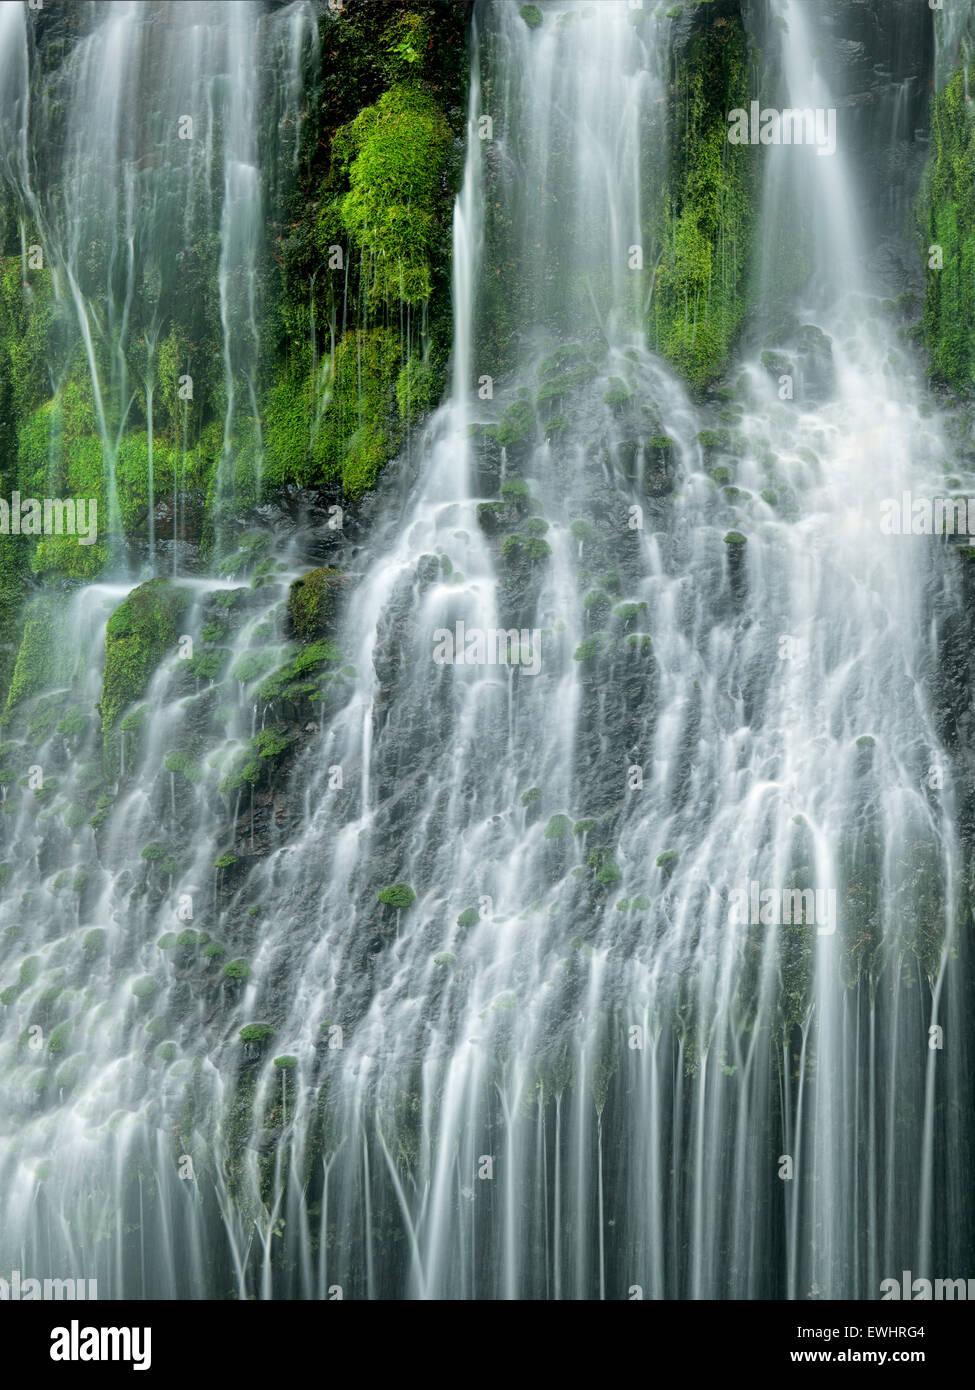 Panther Creek Falls. Washington - Stock Image